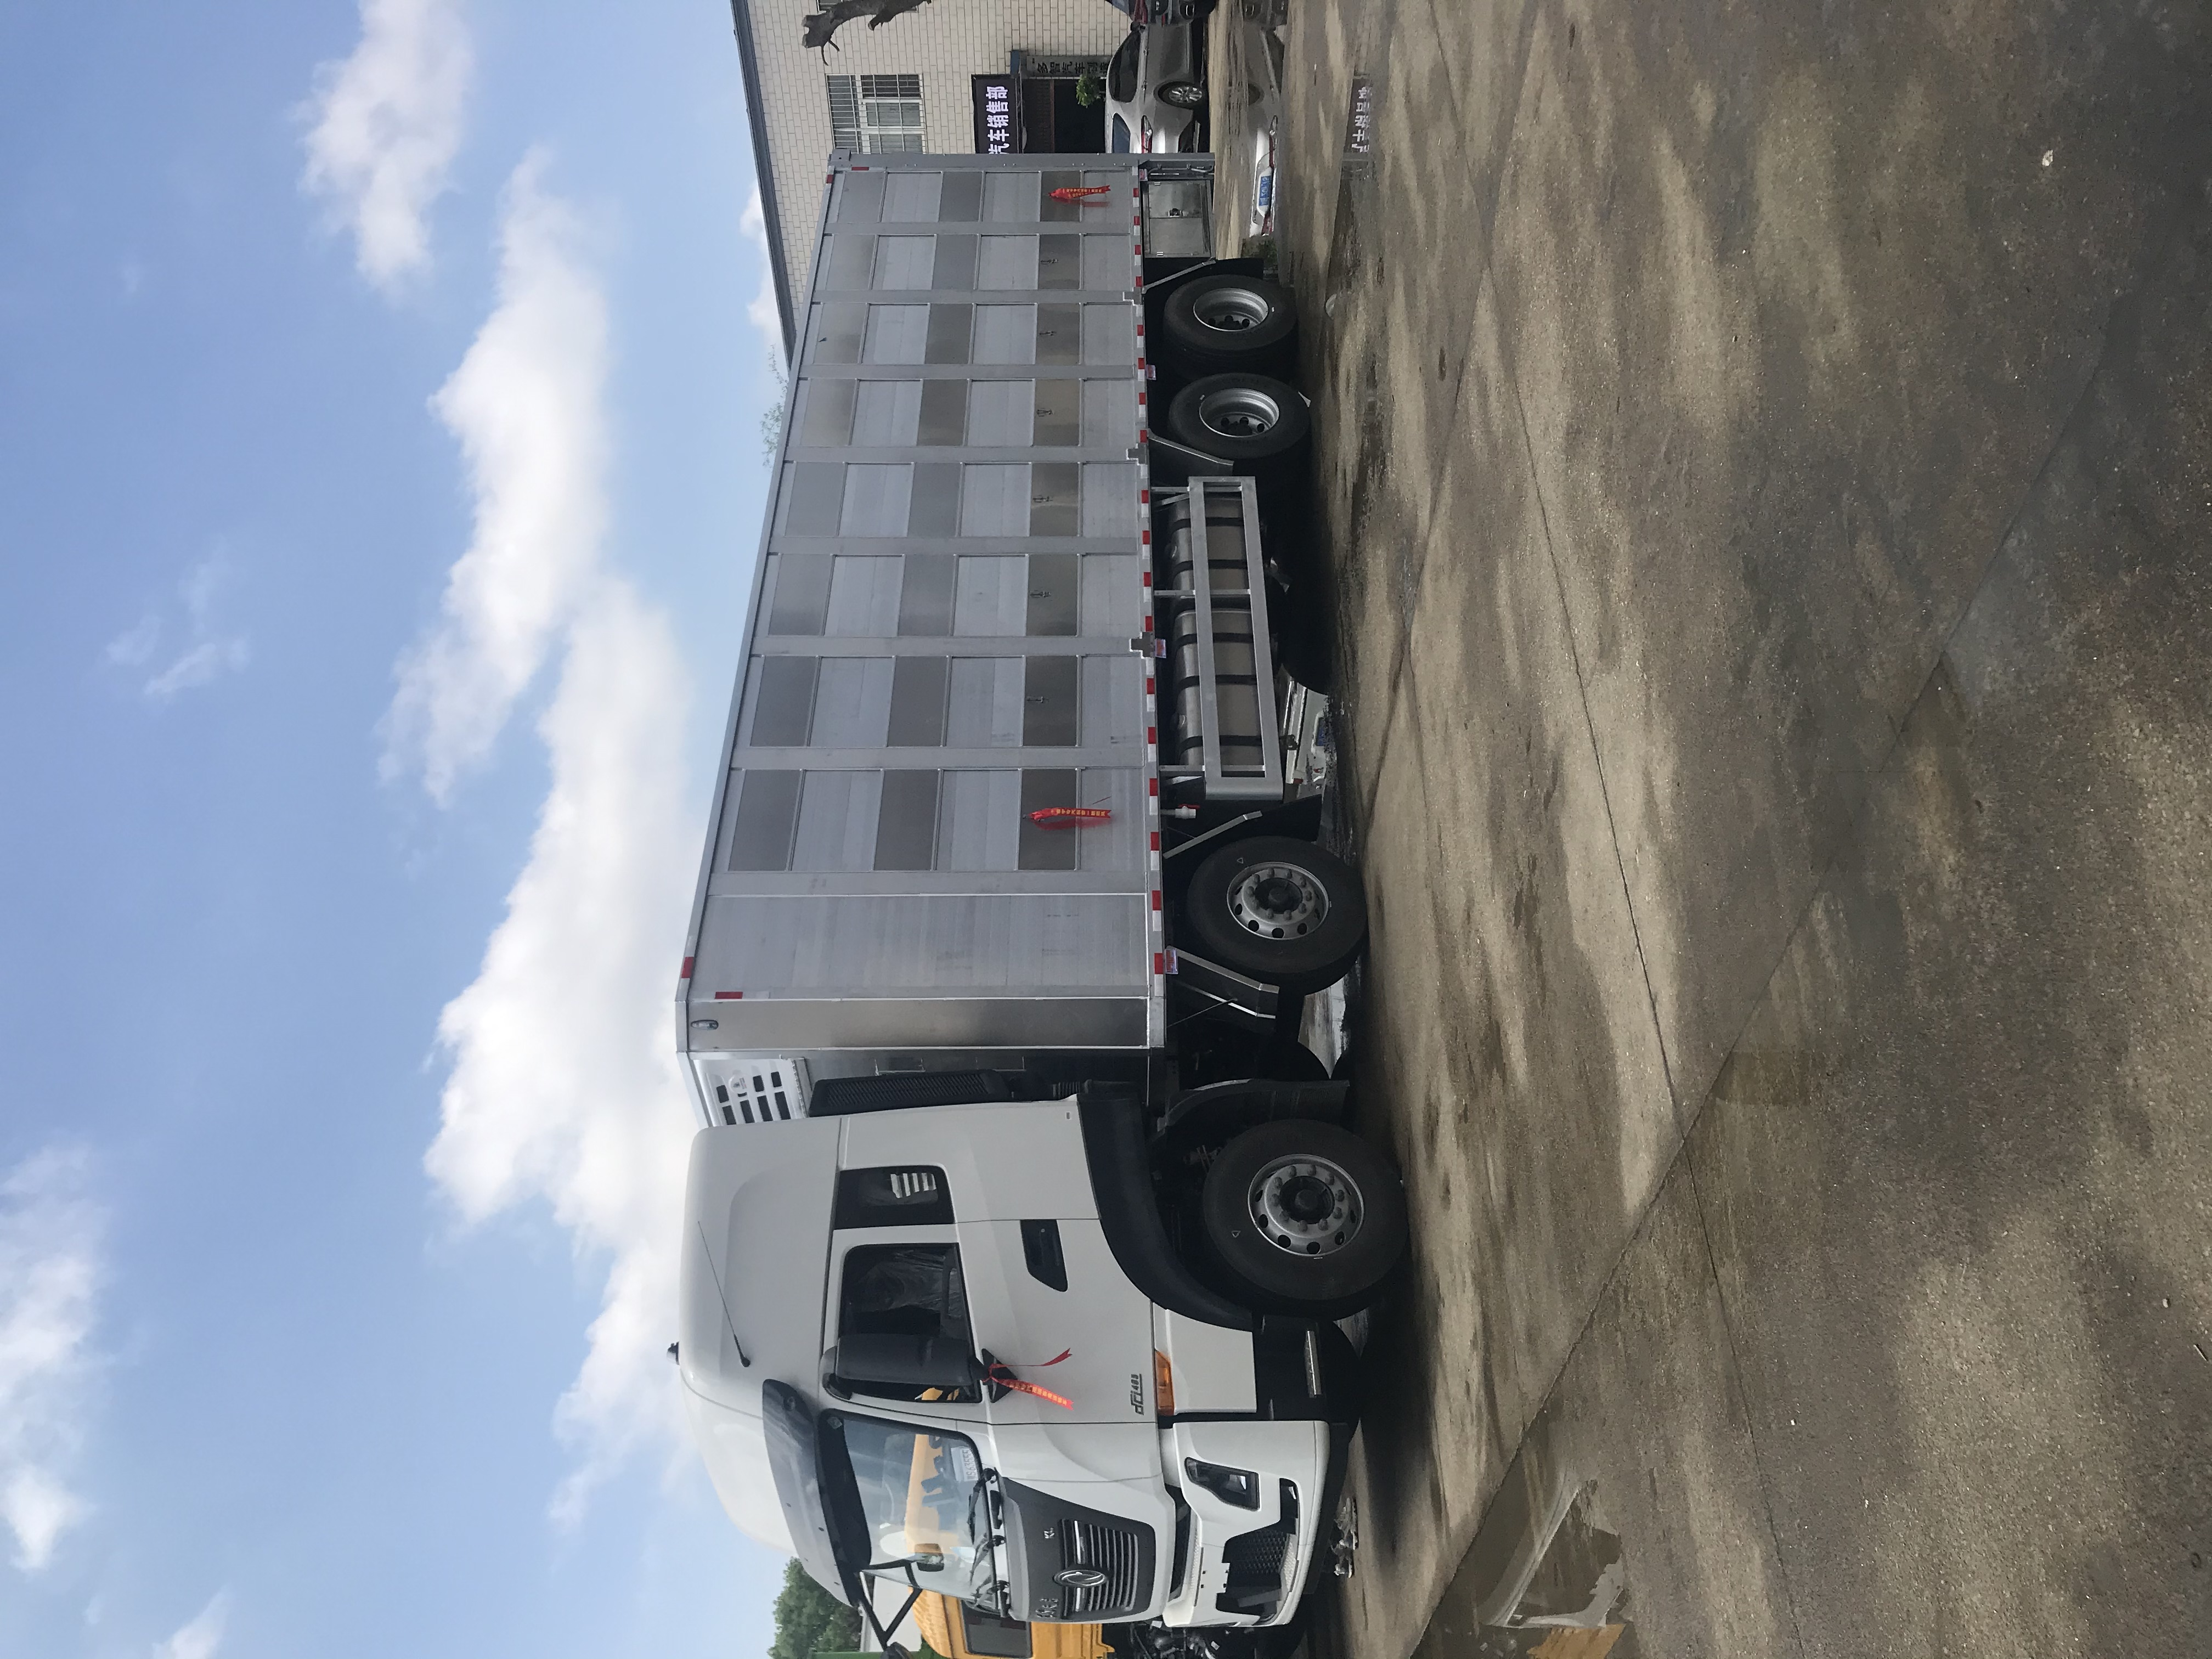 东风天龙KL465畜禽冷藏运输车厂家直销视频